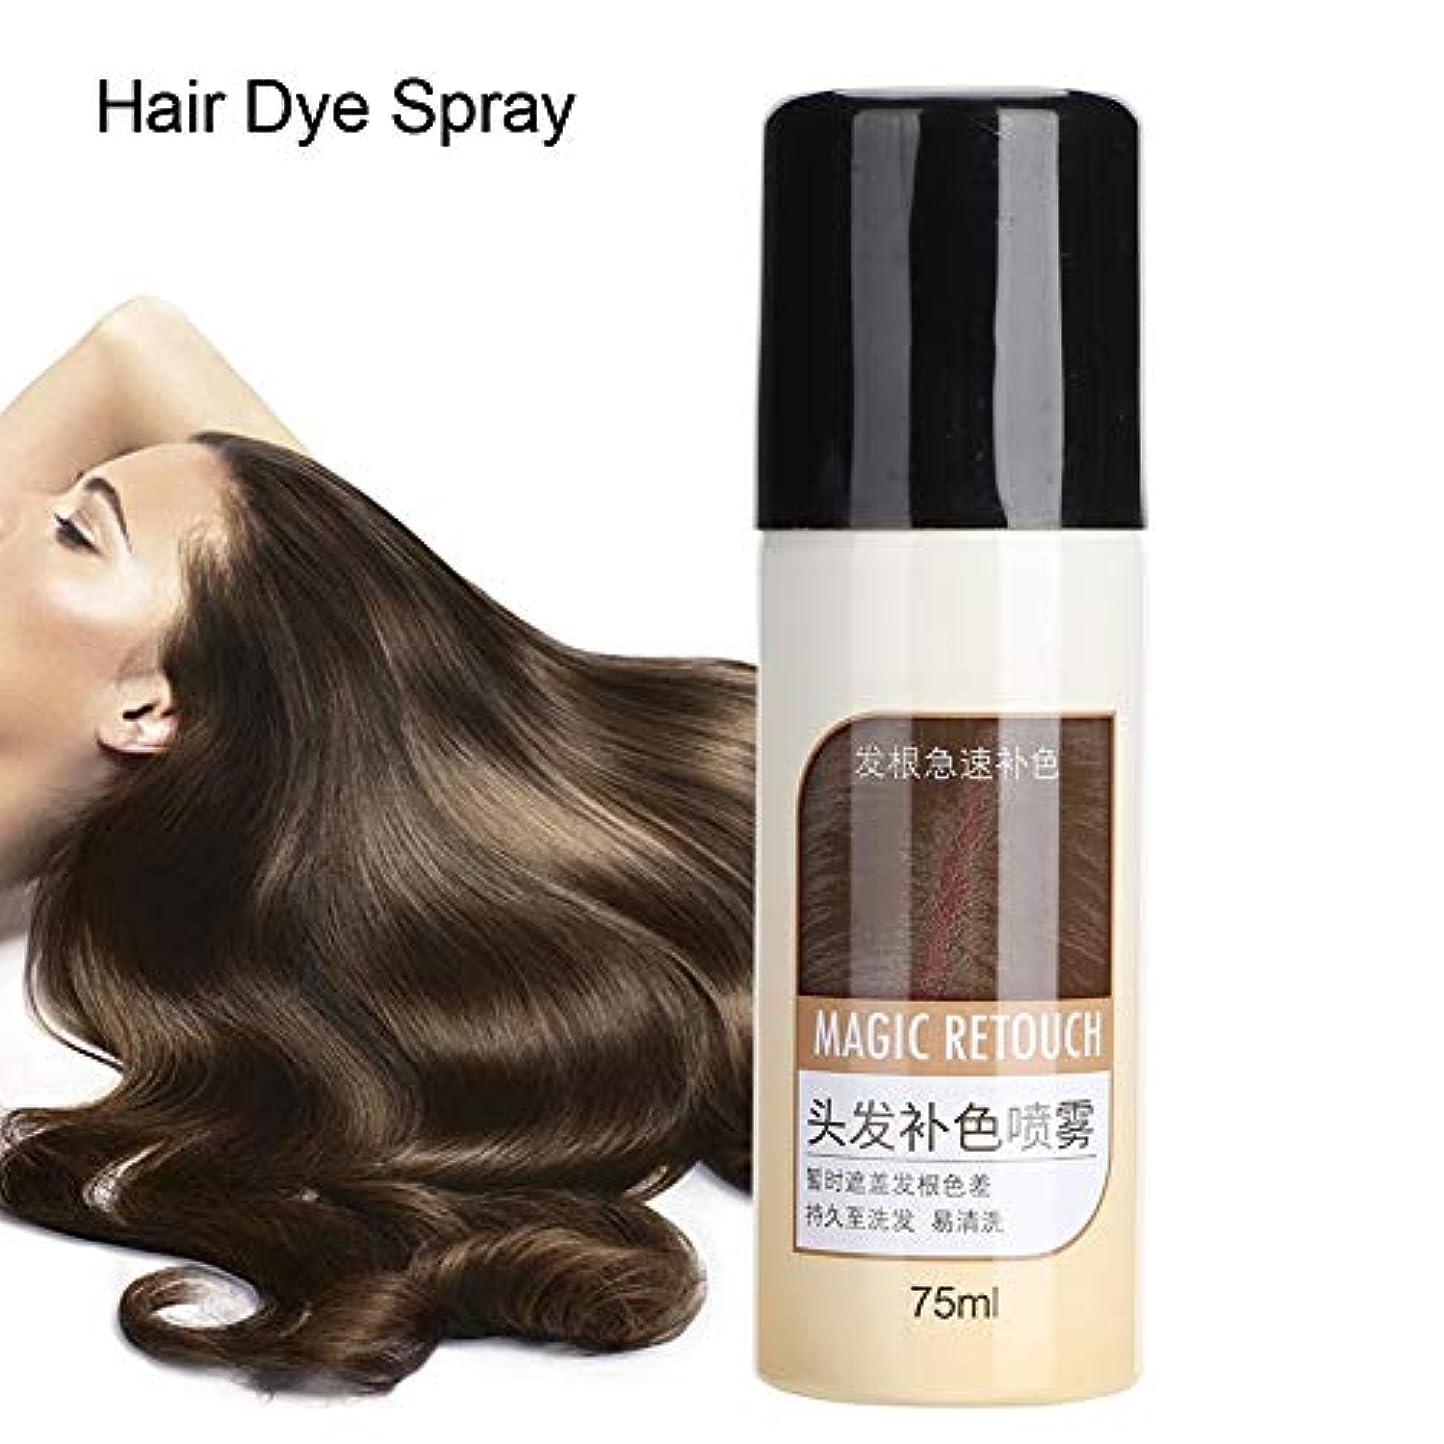 腹部副マウンドヘアダイ、べたつかないマットヘアスタイル栄養補給用洗えるスプレーカバー白髪用長続きするカラー染料750ml (#1)